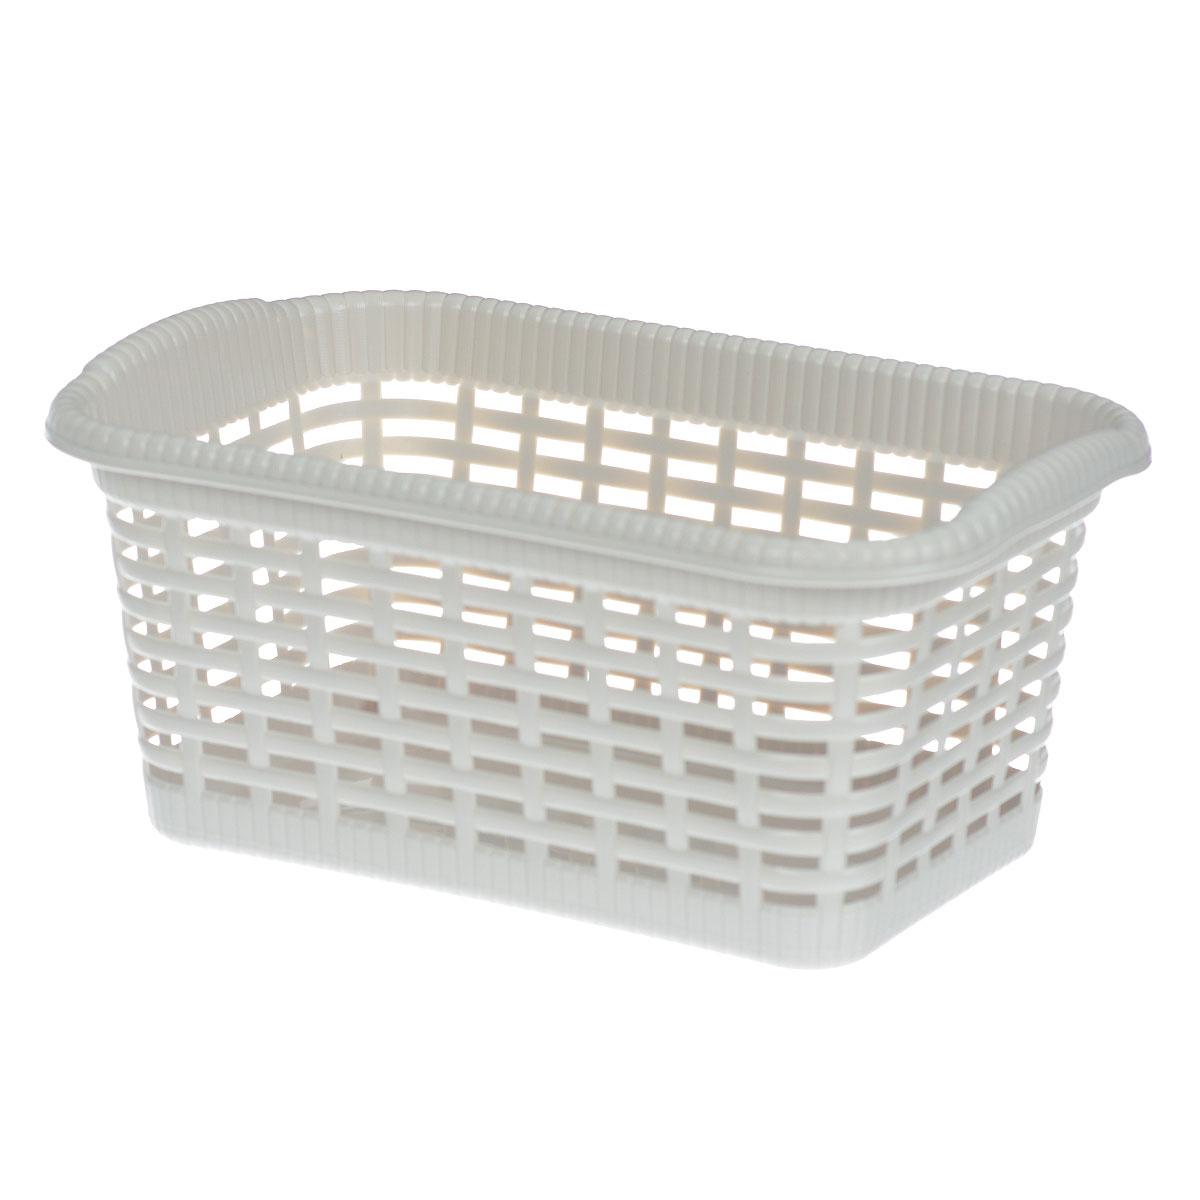 Корзина хозяйственная Gensini, цвет: светло-бежевый, 29 x 18,5 x 13,5 см3301_светло-бежевыйУниверсальная корзина Gensini, выполненная из пластика, предназначена для хранения мелочей в ванной, на кухне, даче или гараже. Позволяет хранить мелкие вещи, исключая возможность их потери. Легкая воздушная корзина выполнена под плетенку и оснащена жесткой кромкой. Размер: 29 см x 18,5 см x 13,5 см. Объем: 7 л.